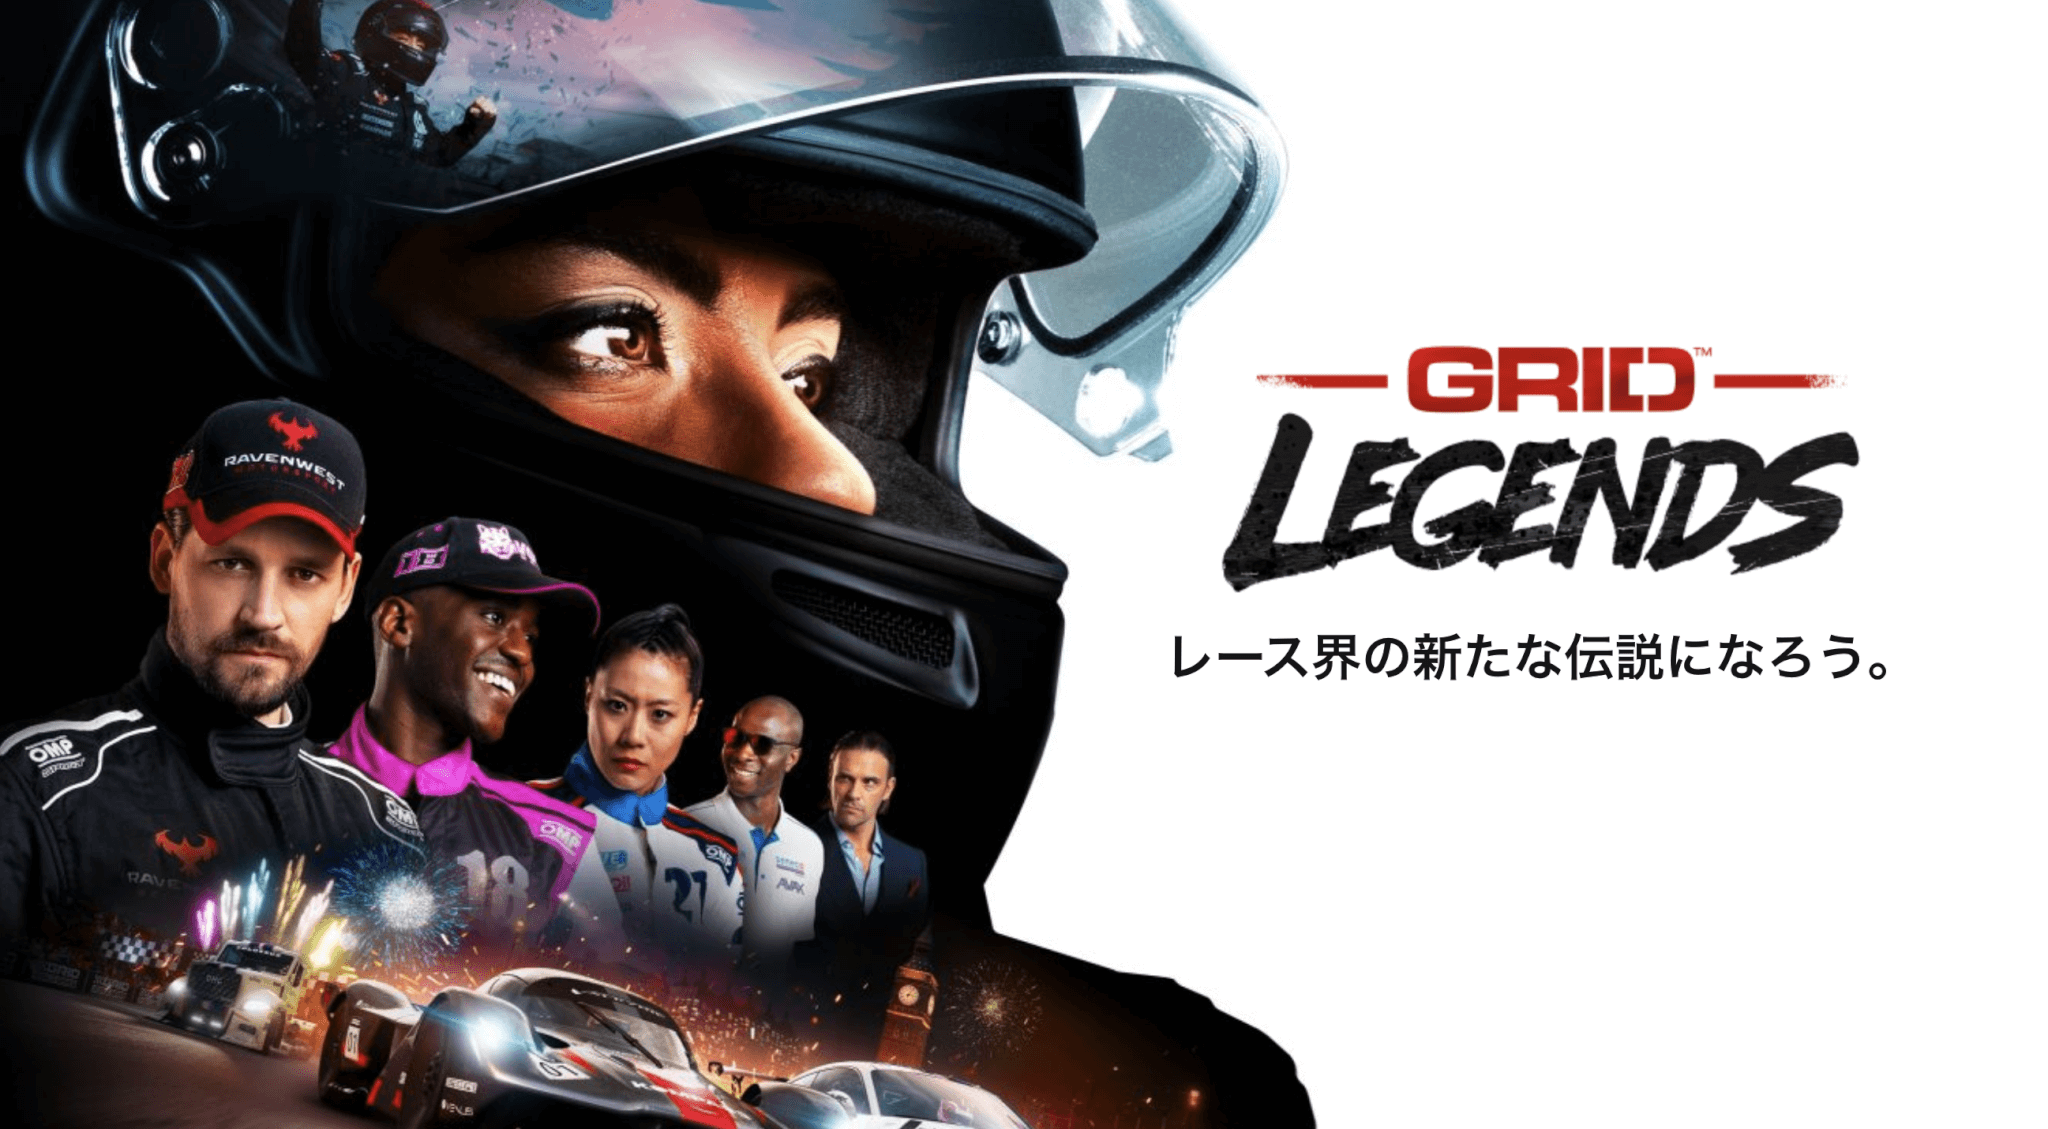 「GRID Legends」の発売日はいつ?人気レースゲームの最新作